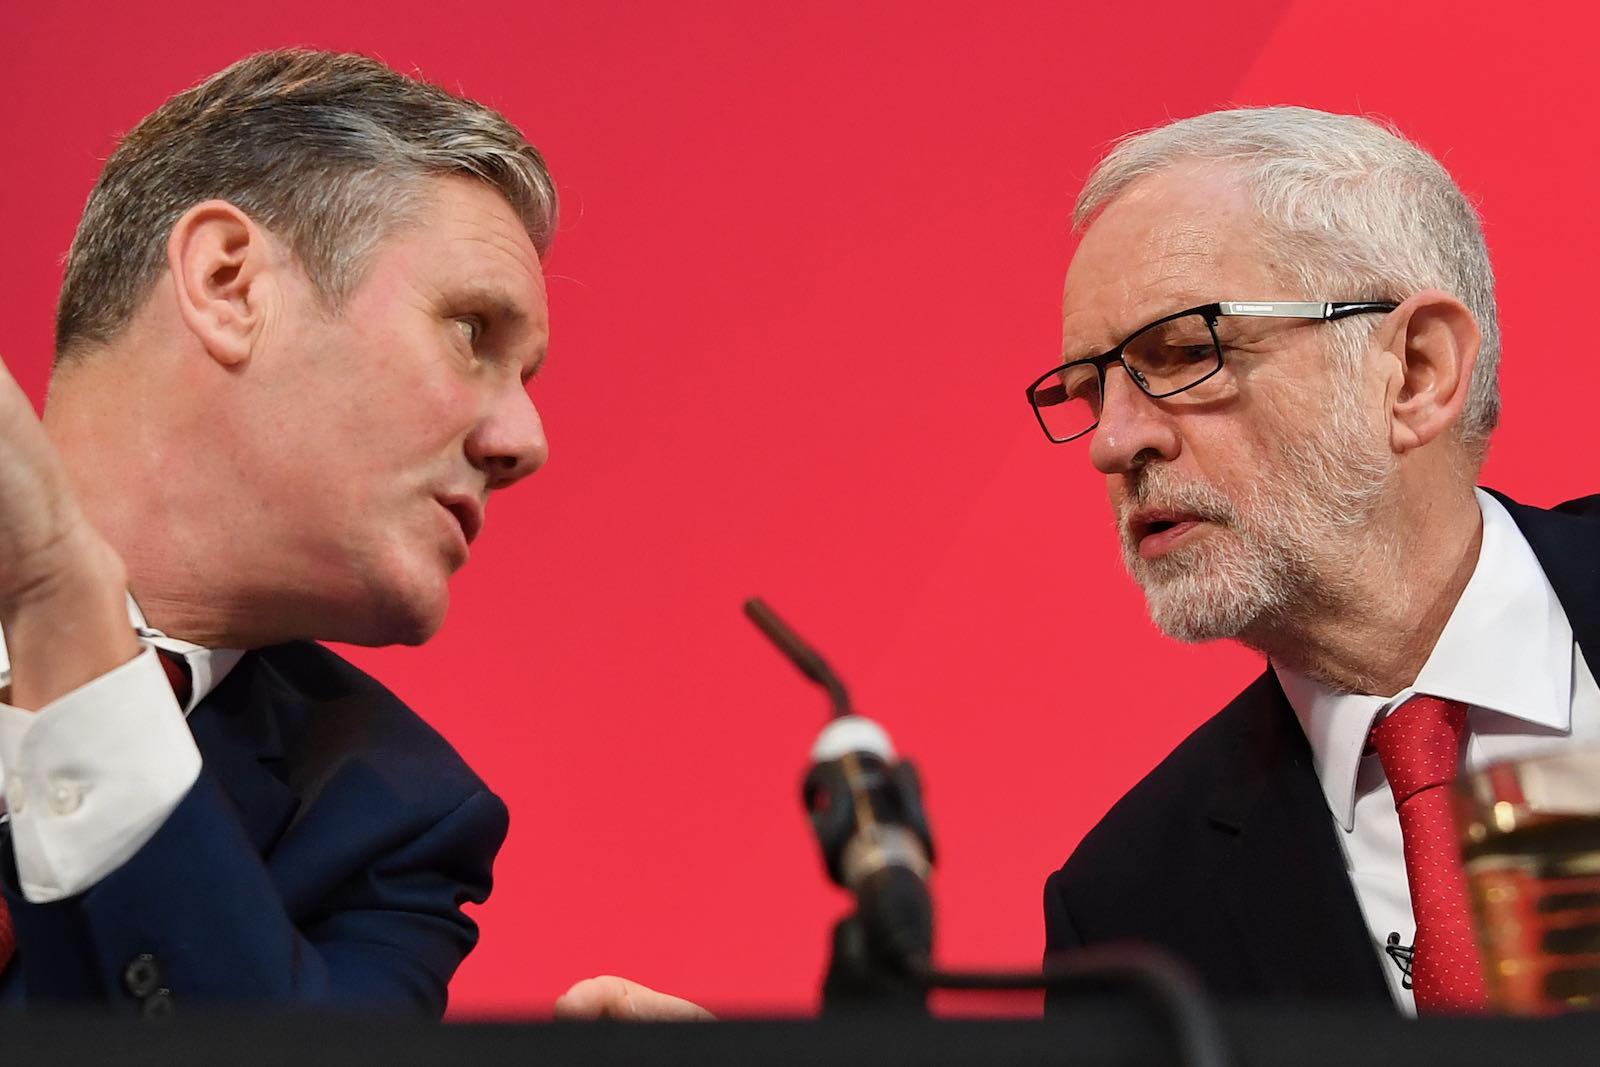 Keir Starmer with Jeremy Corbyn